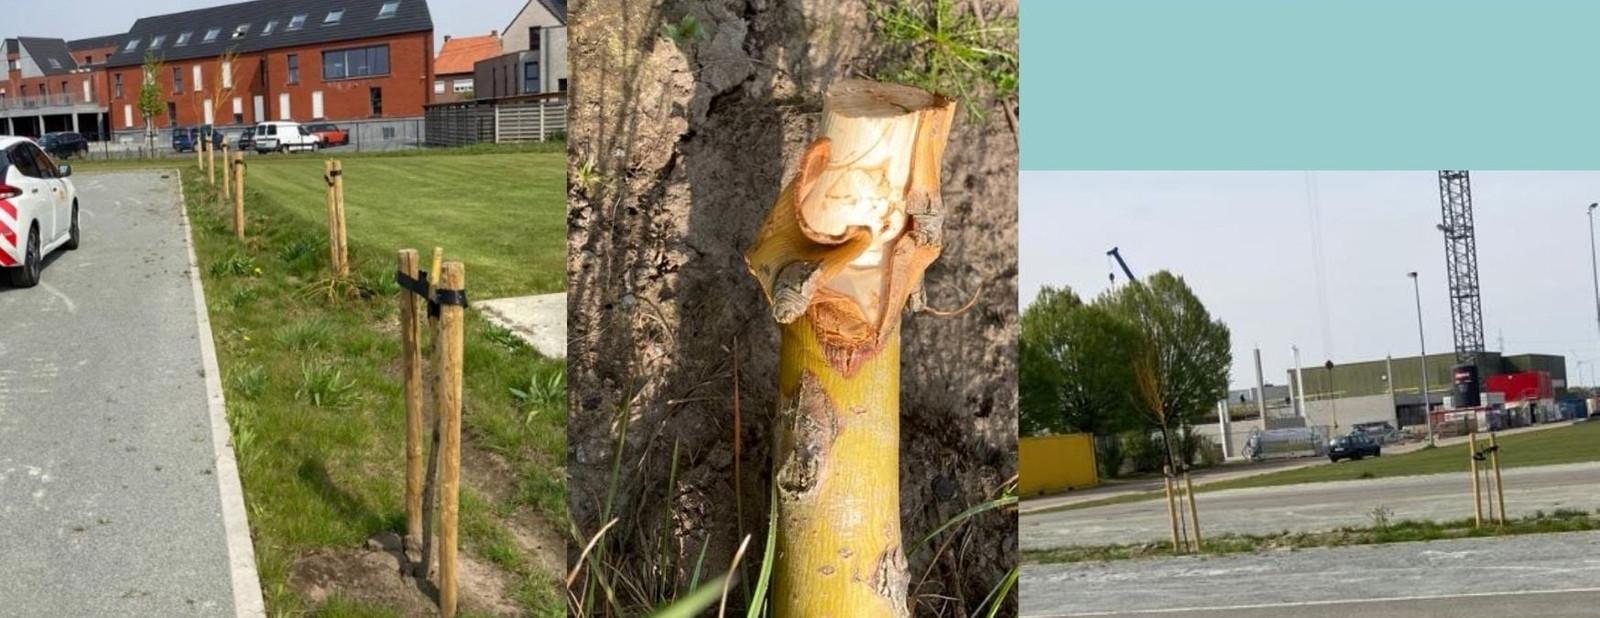 Een specialist in groenonderhoud gaf de bomen een mooie rechte zaagsnede in de hoop dat de bomen het alsnog zullen redden.